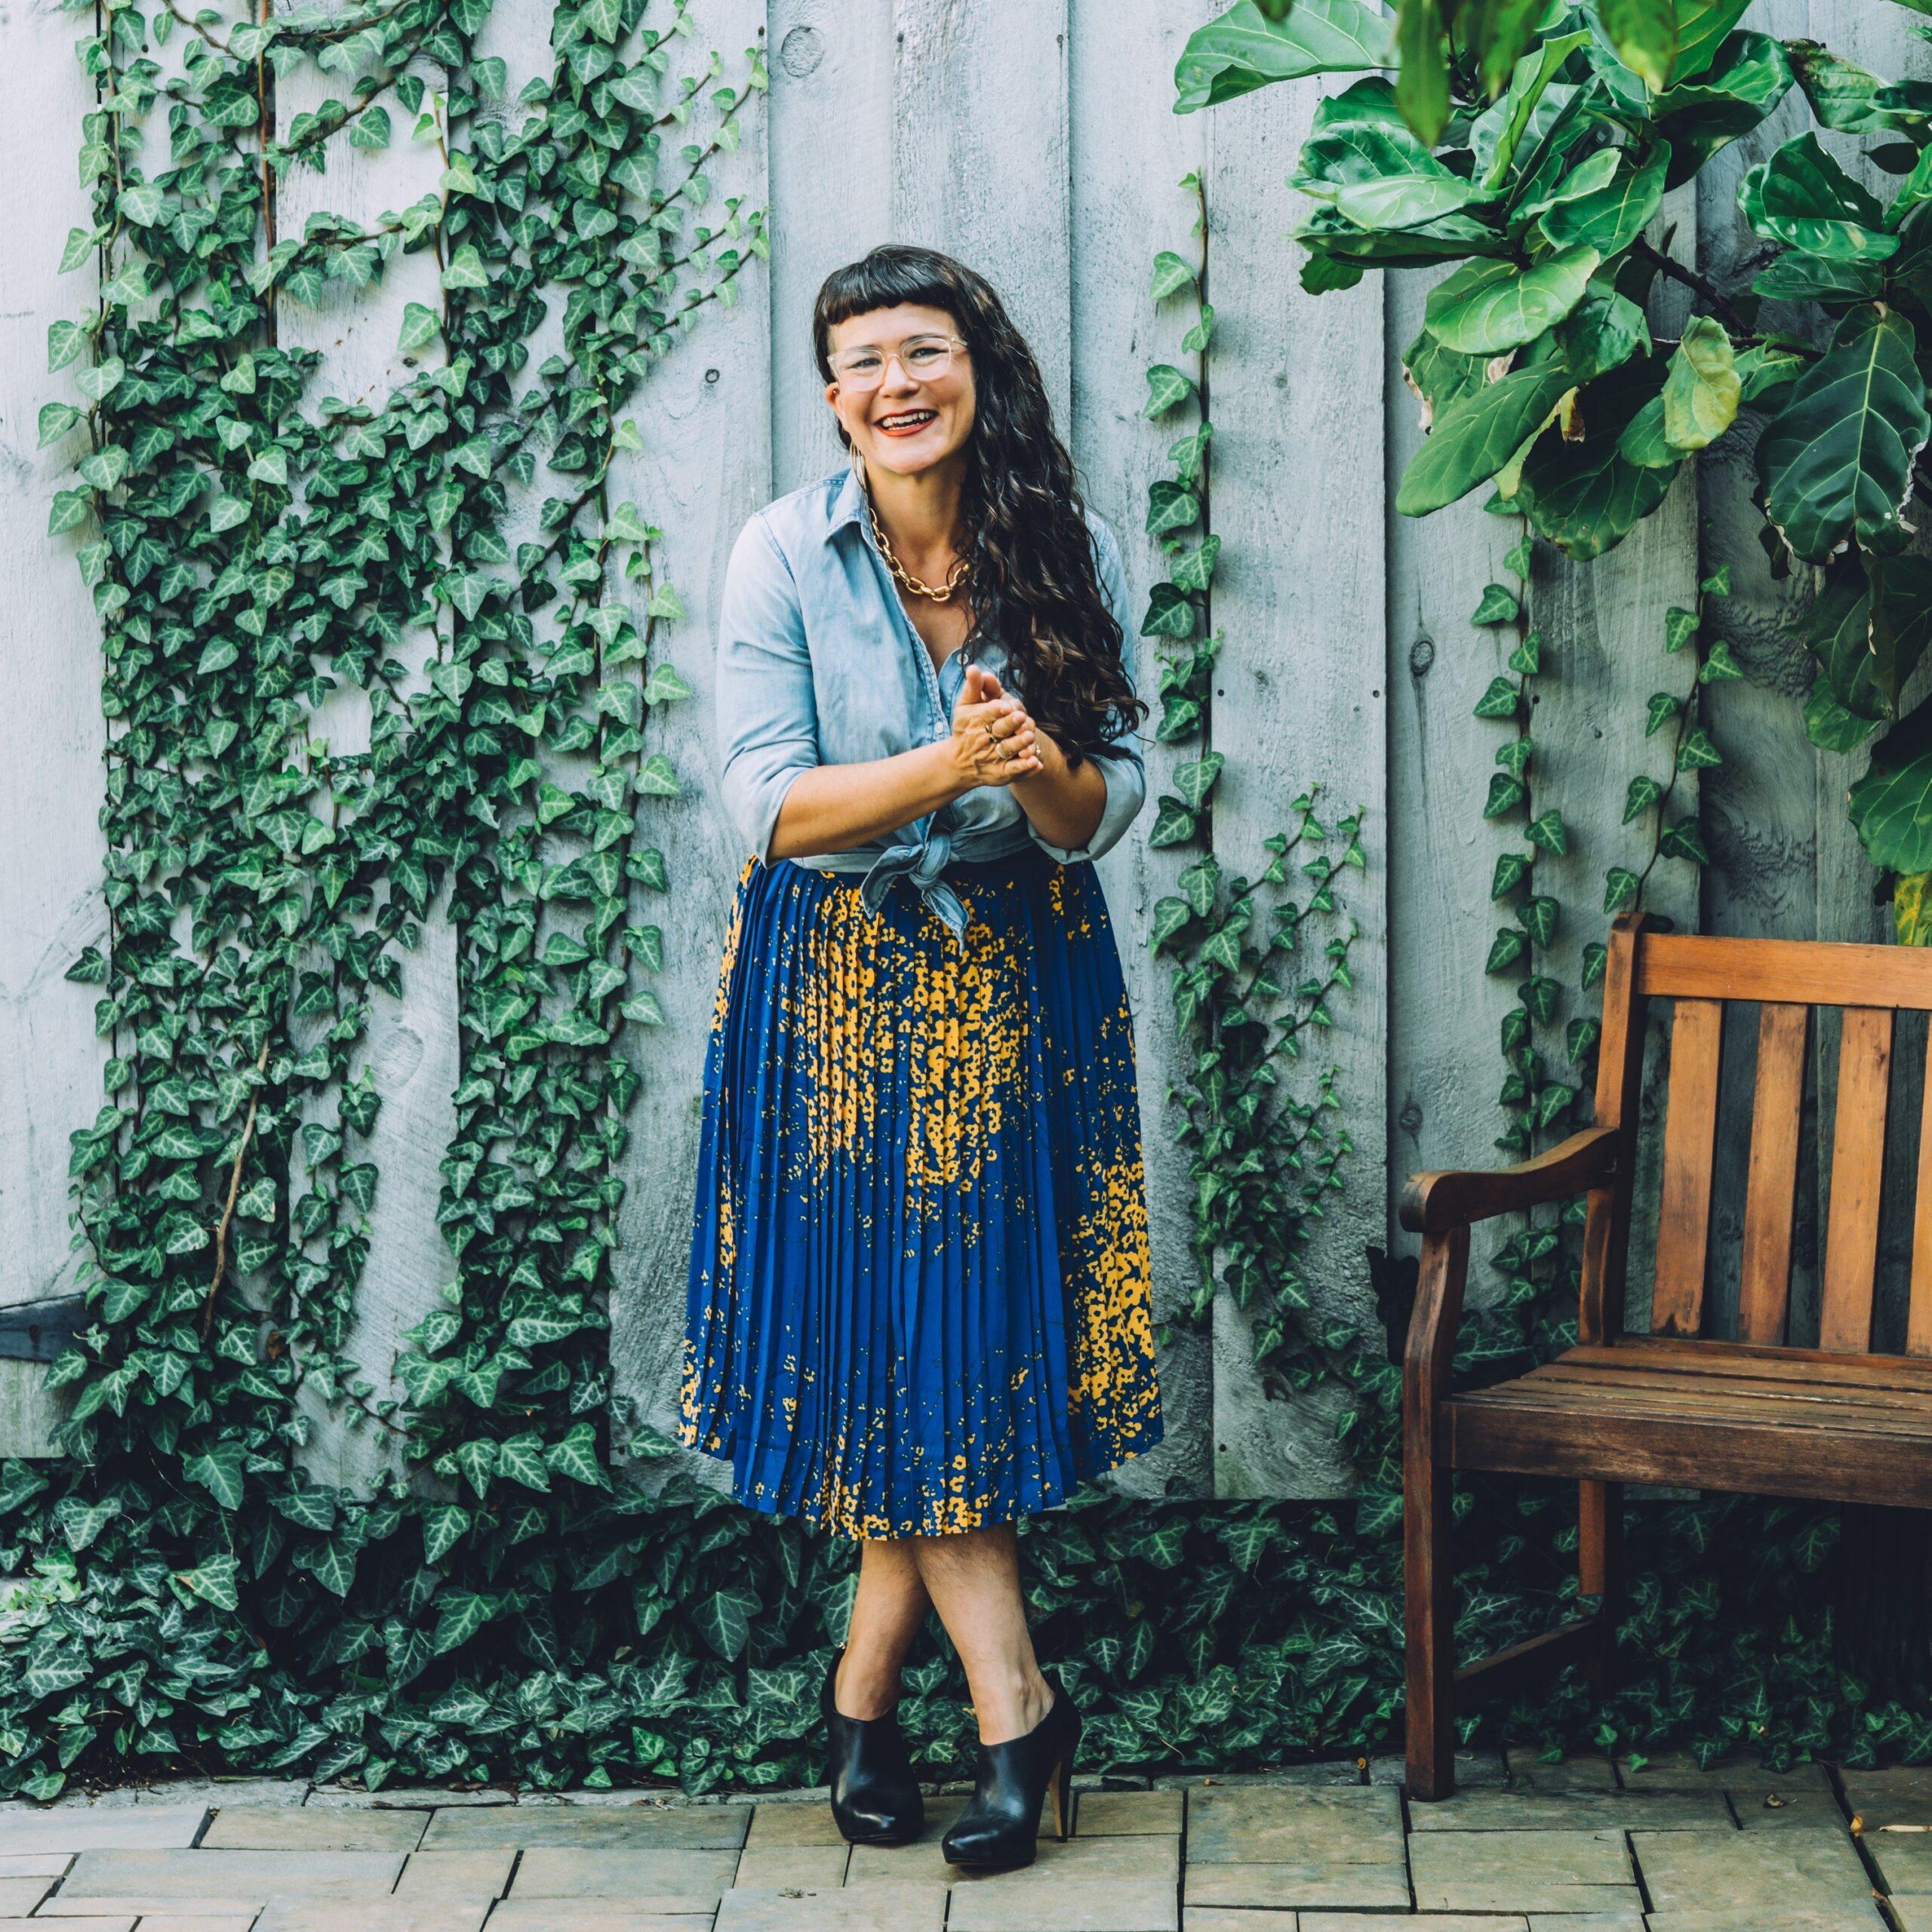 Victoria Albina, NP, MPH